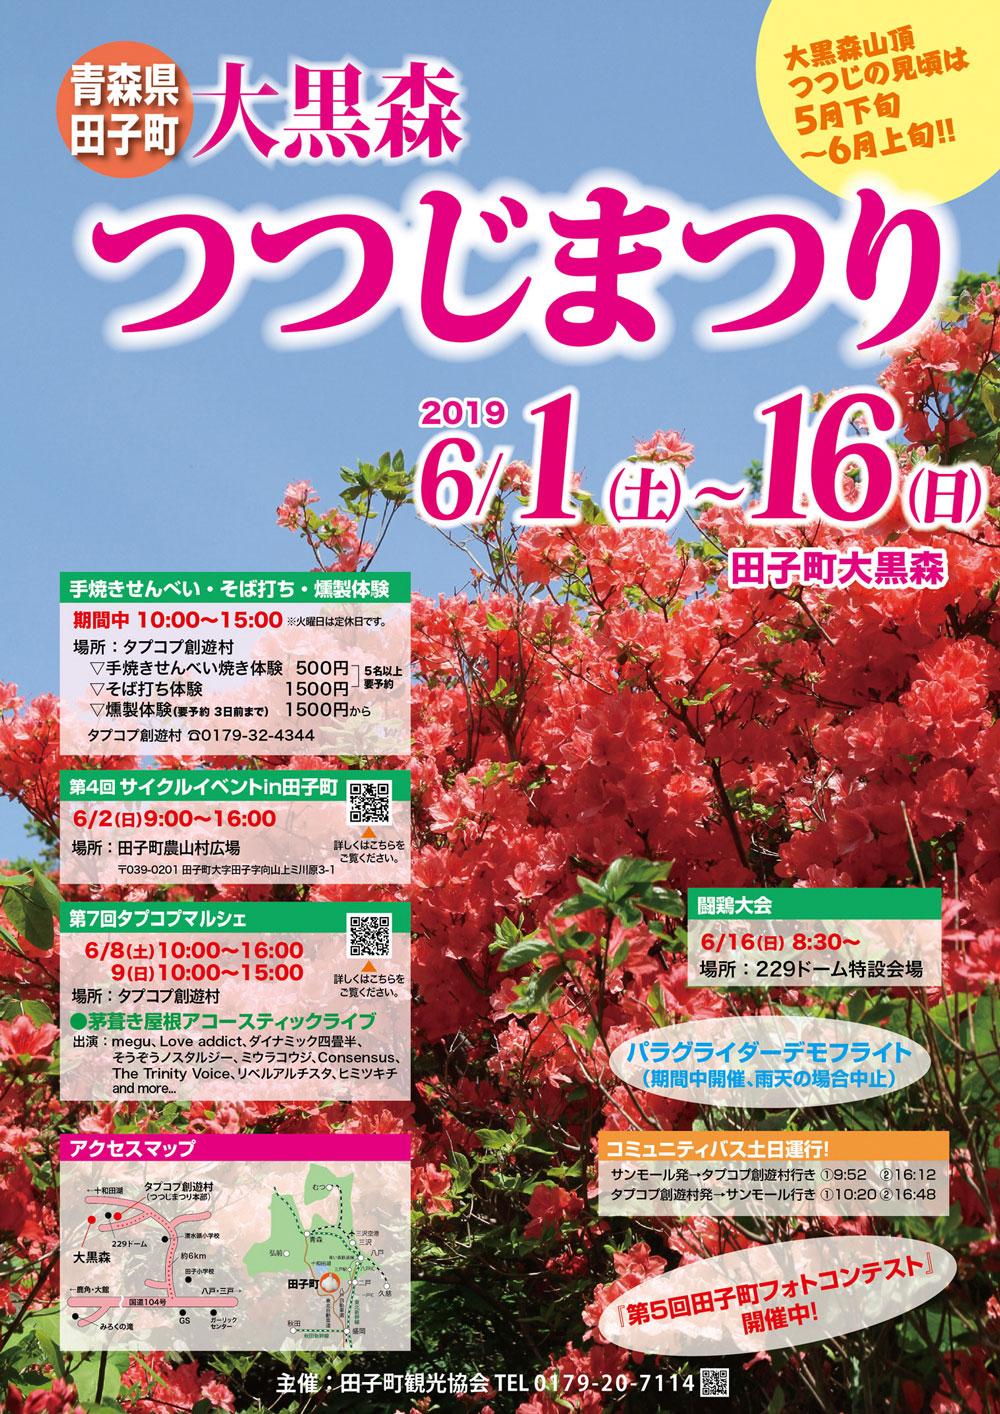 田子町 大黒森 つつじ祭り